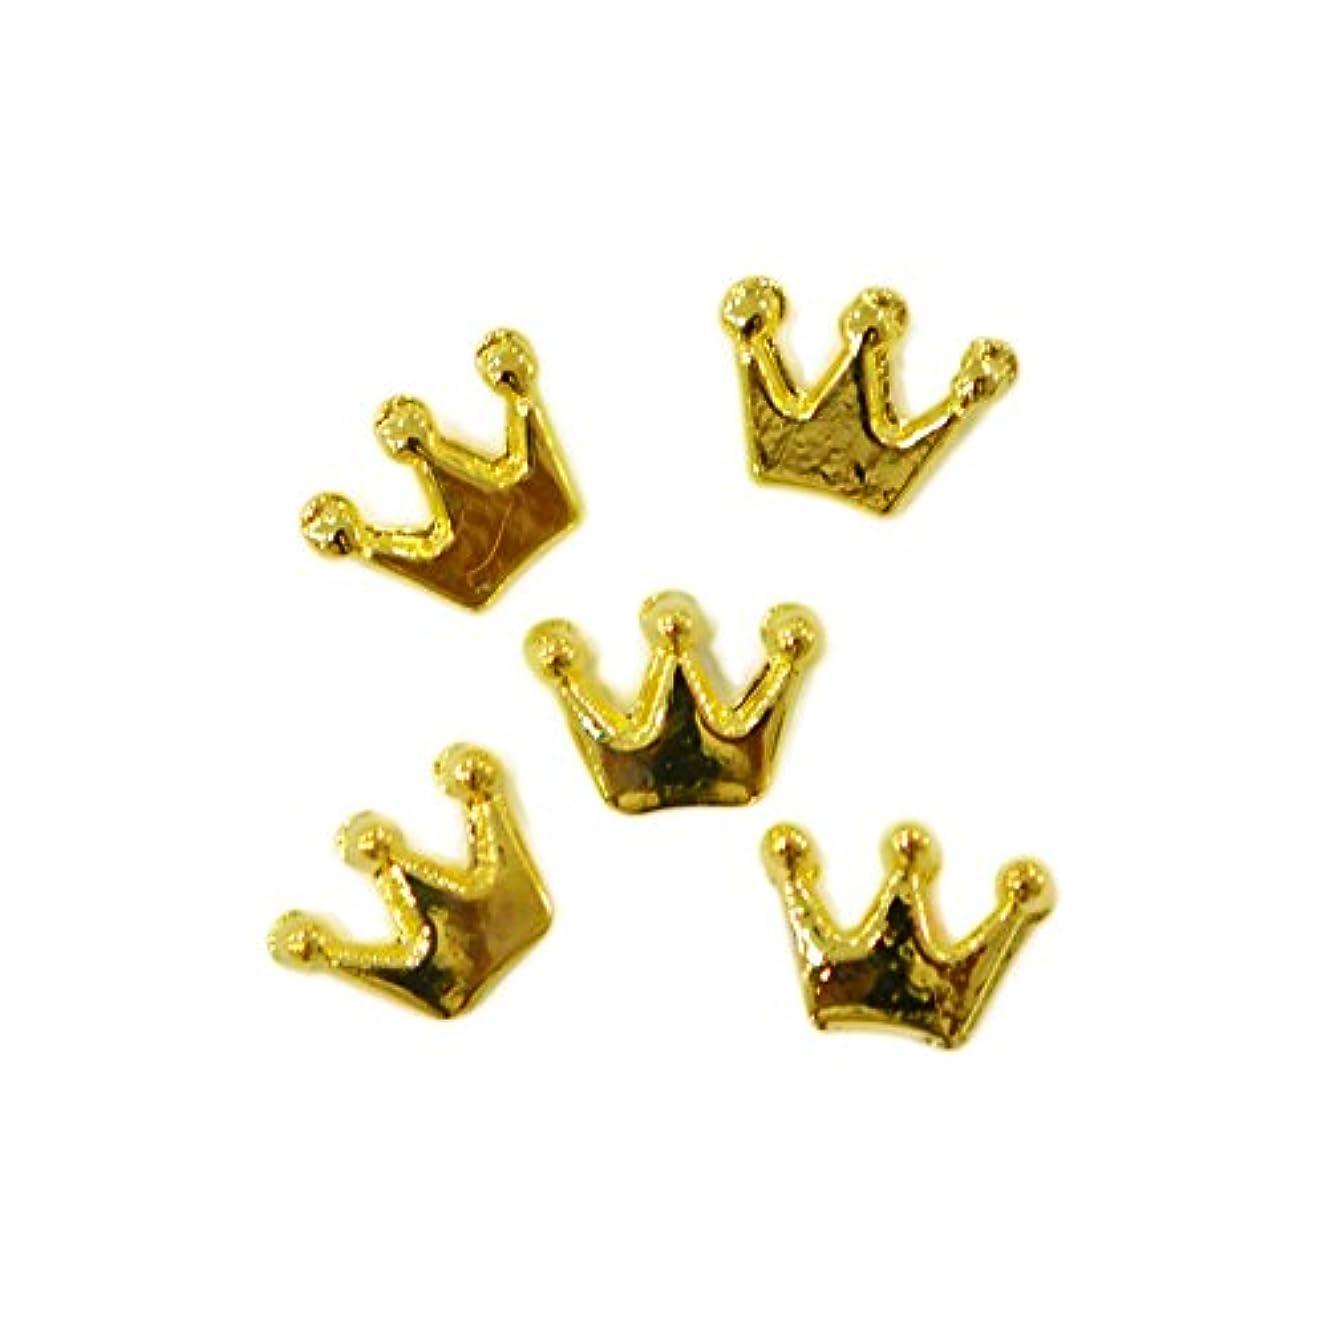 レース会話剛性メタルパーツ crown 6mm×4mm ゴールド 5個 MP10158 王冠